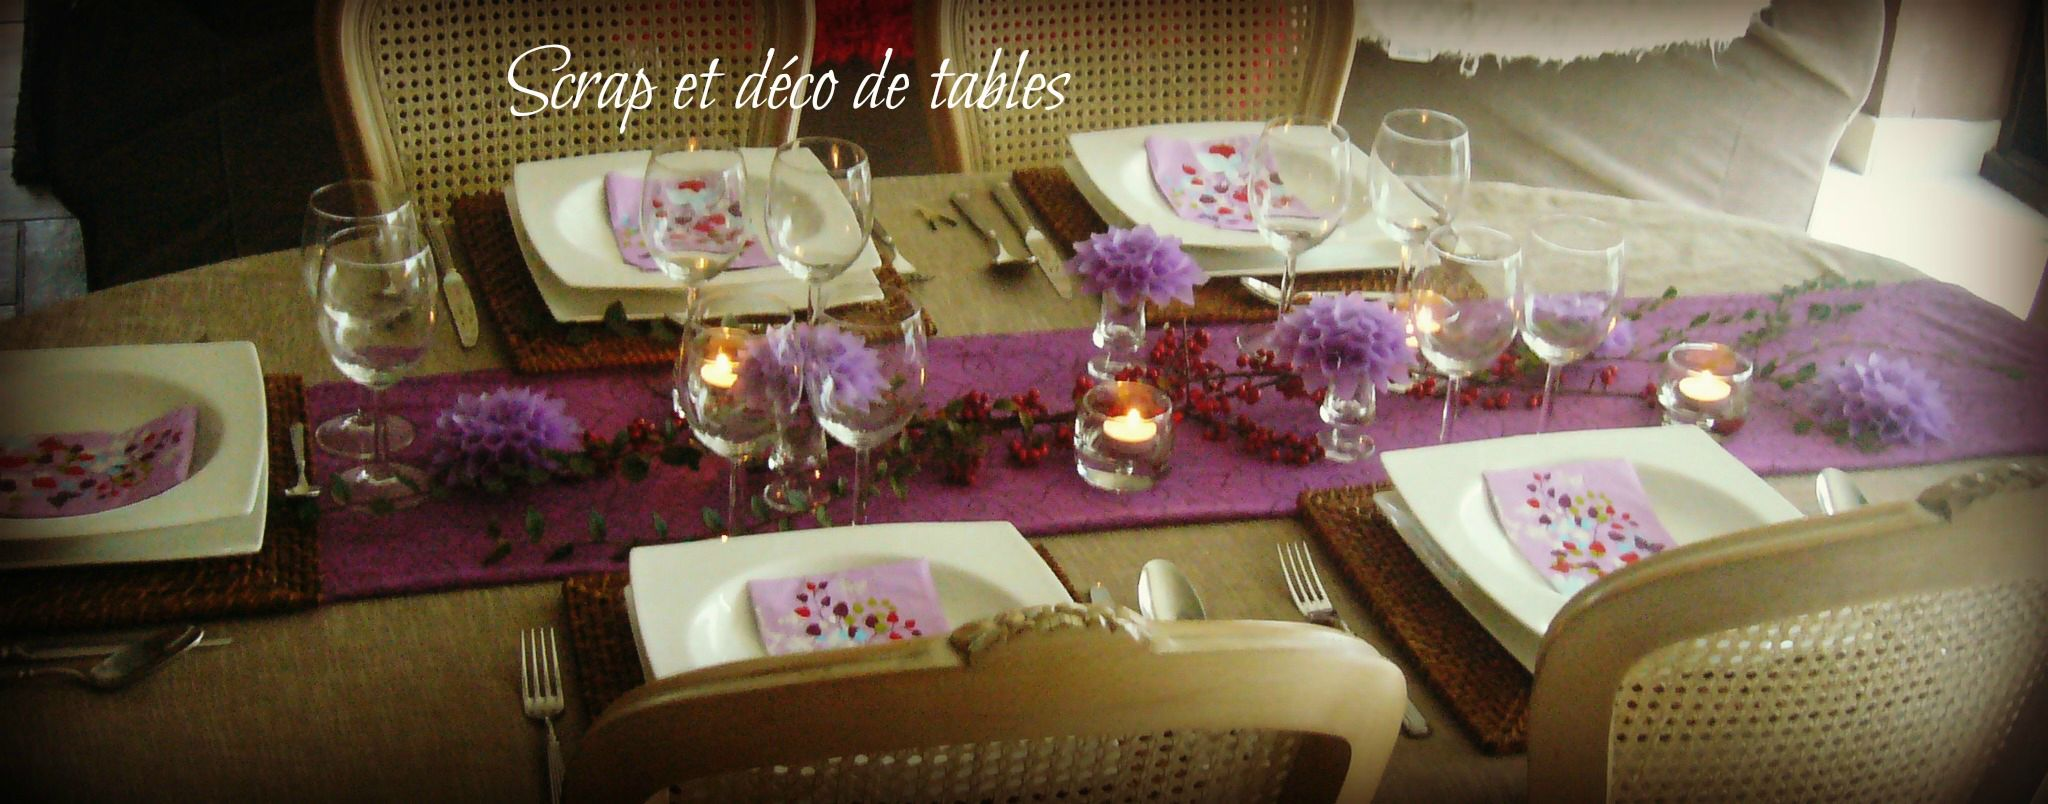 Deco de table dahlia scrap et d co de tables for Plat pour recevoir amis